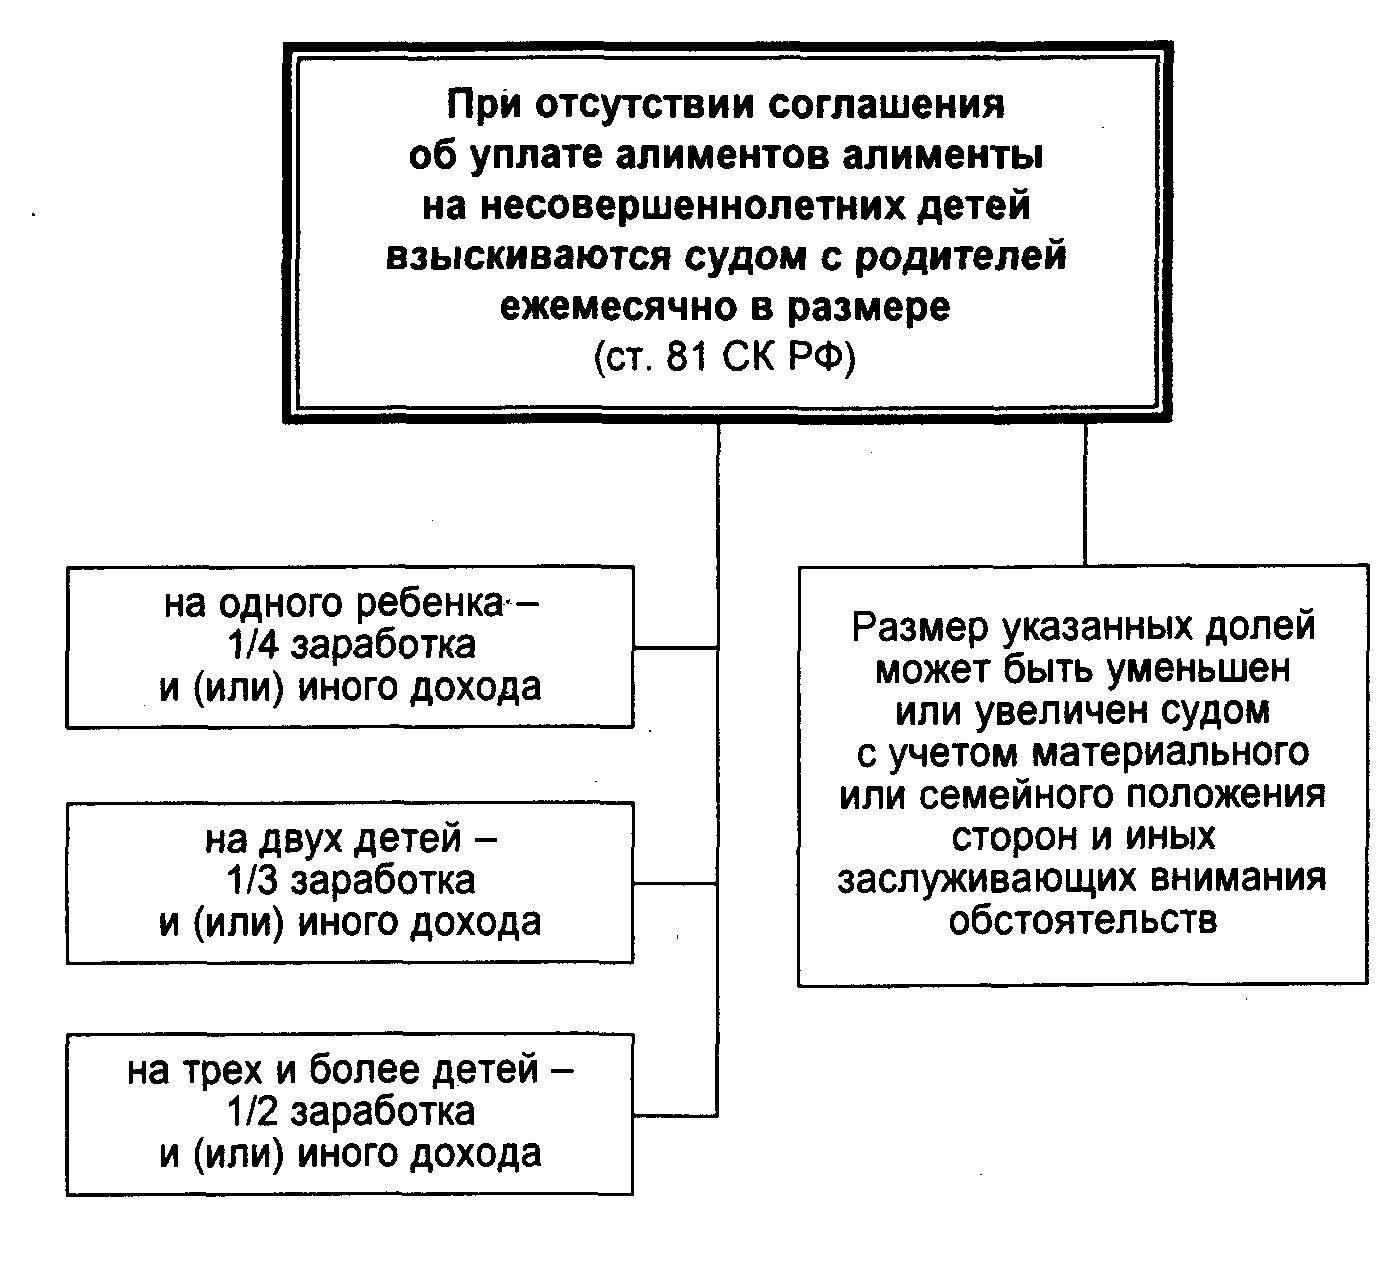 Идеи для названия групп в вконтакте